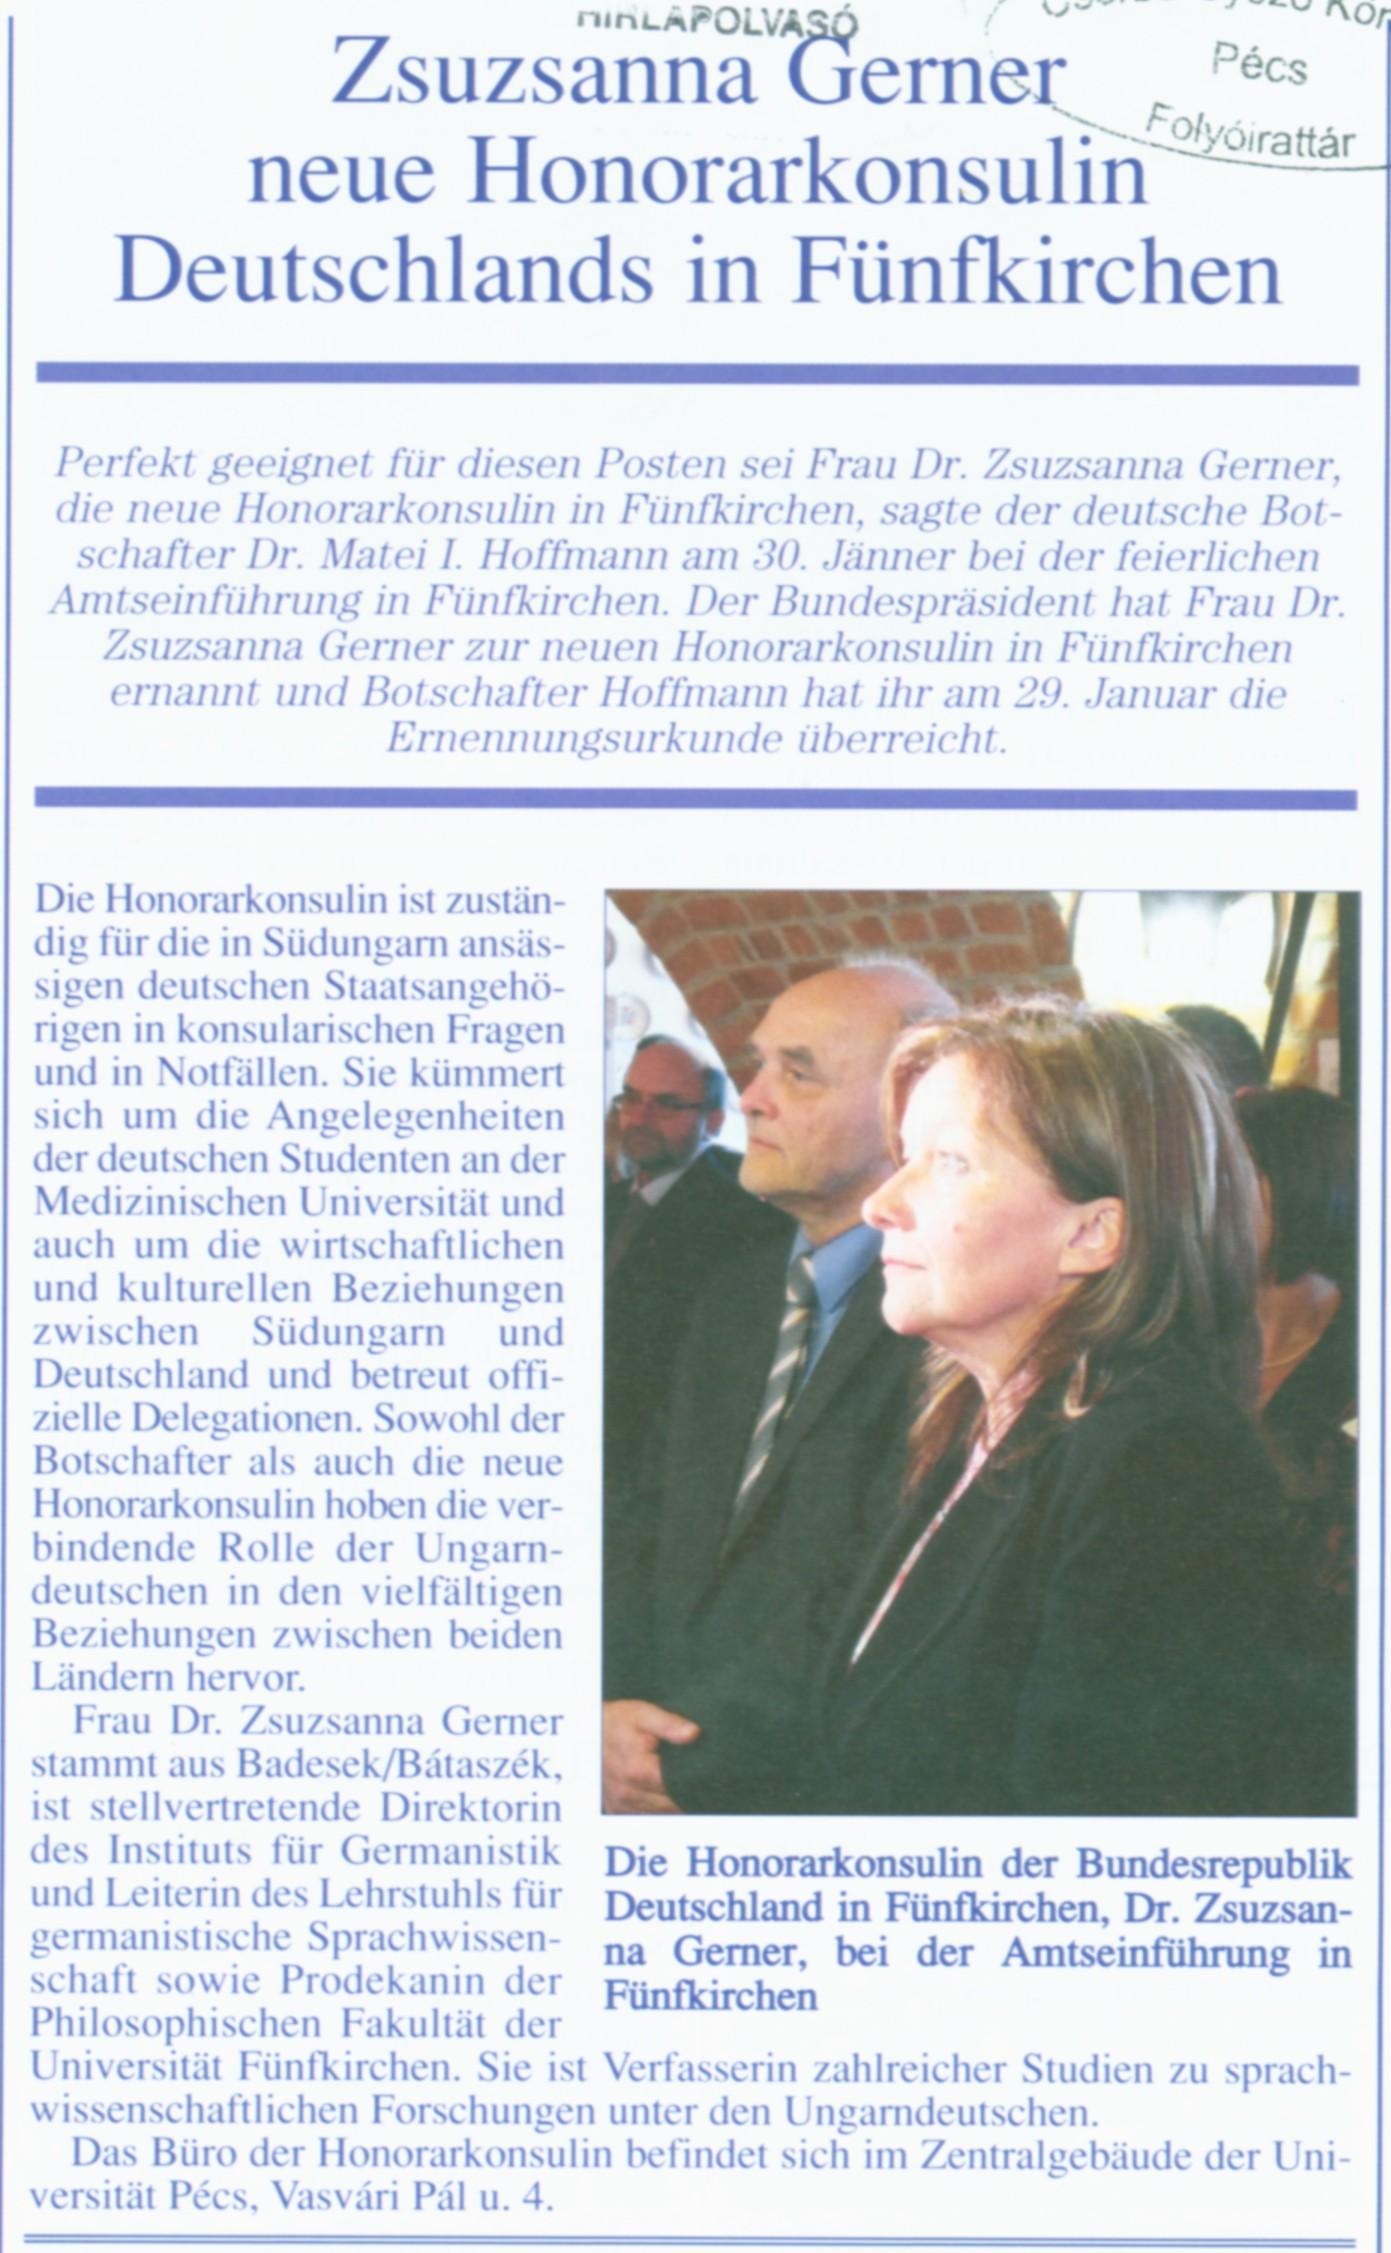 Zsuzsanna Gerner neue Honorarkonsulin Deutschlands in Fünfkirchen